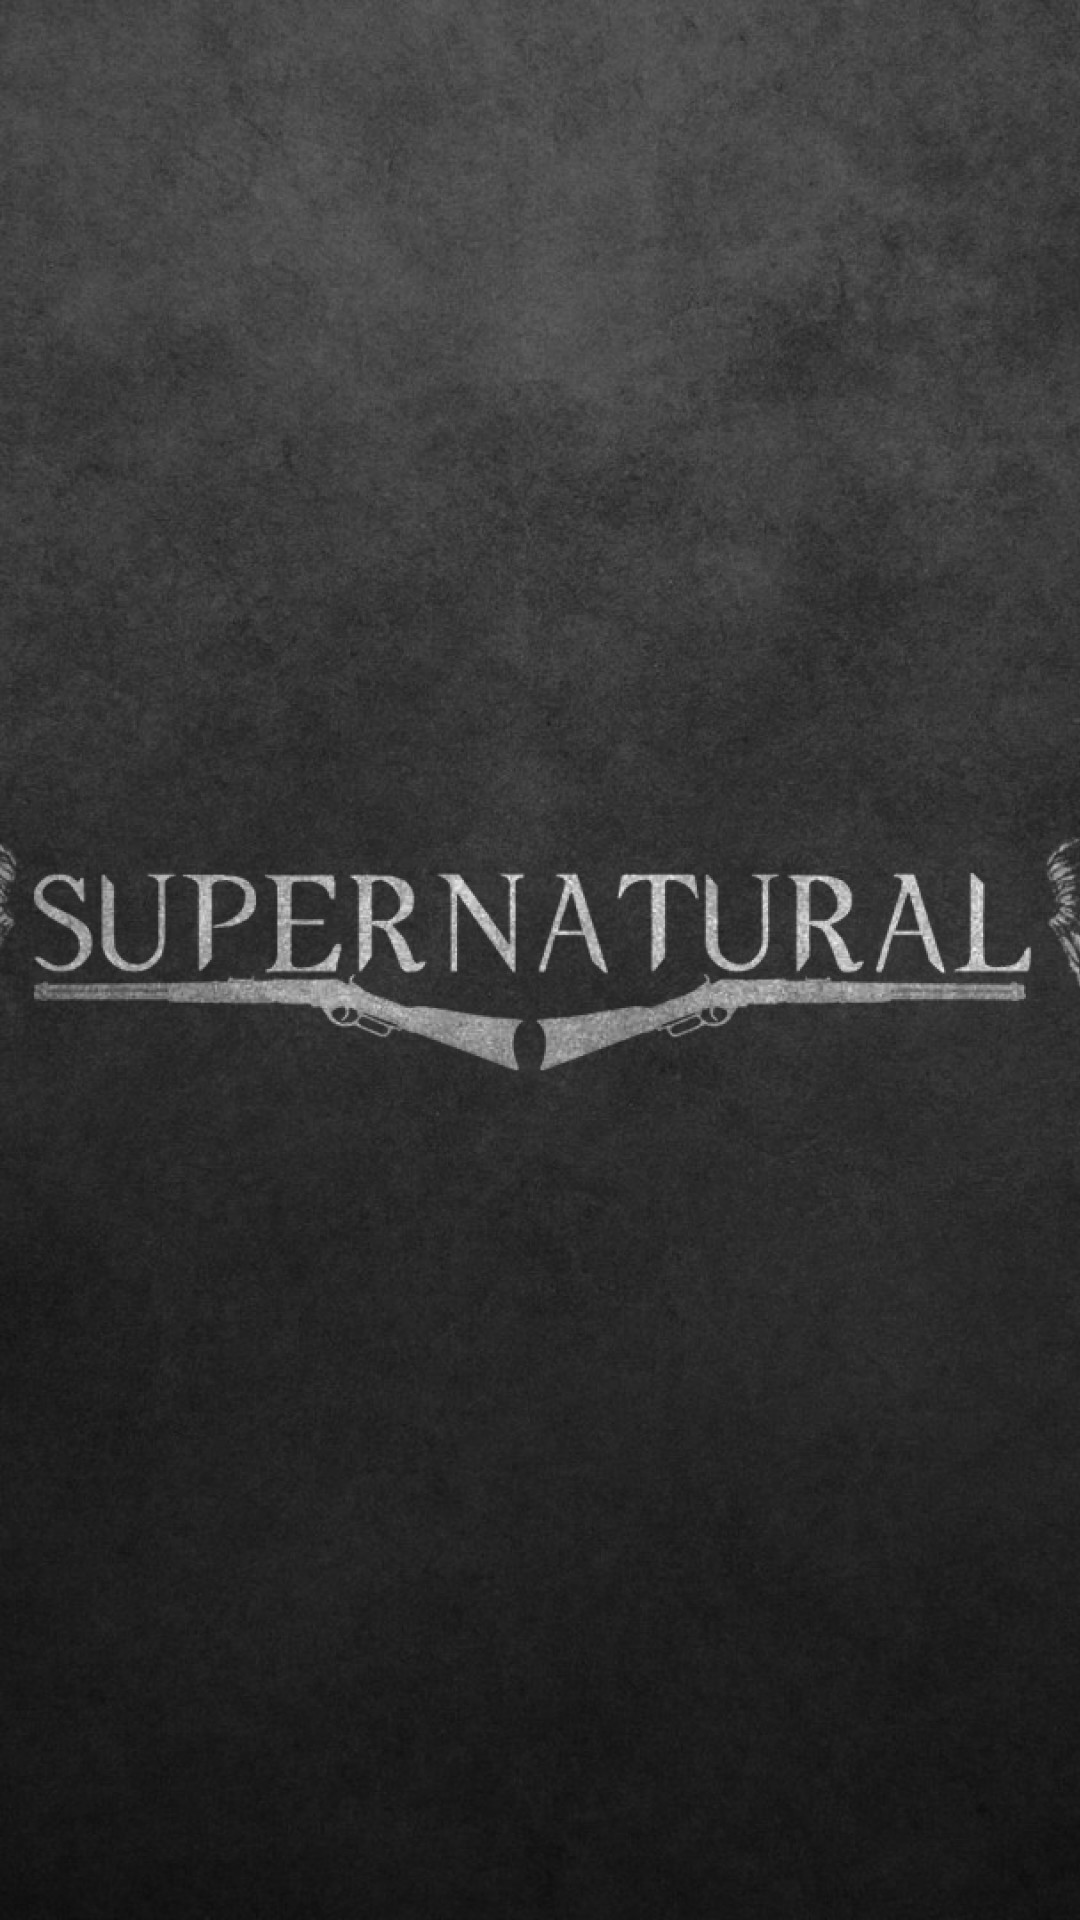 supernatural wallpaper tumblr – Google'da Ara